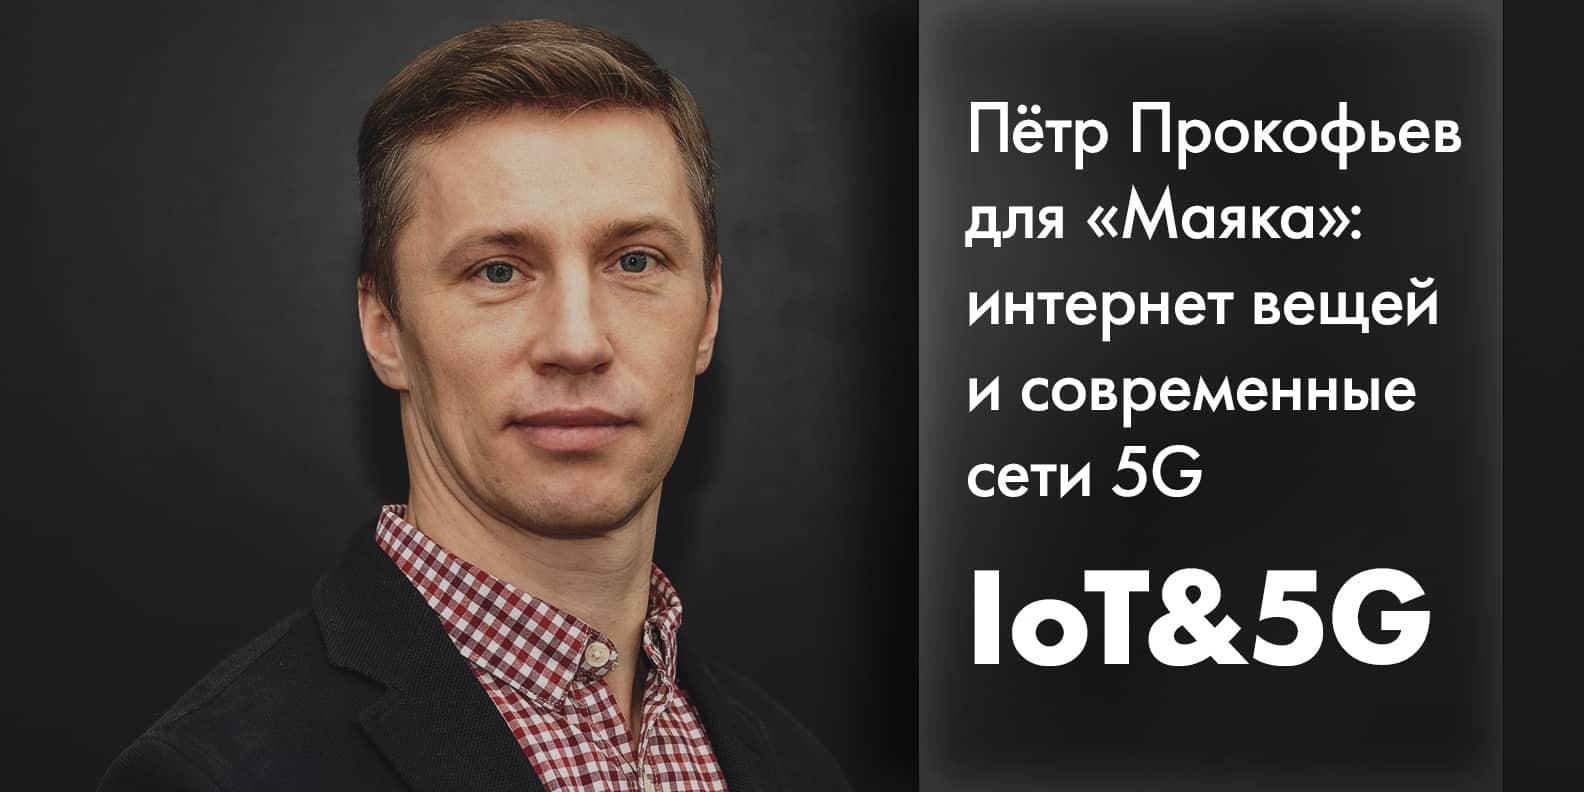 Петр Прокофьев, заместитель руководителя Центра компетенций НТИ на базе Сколтеха, выступил в эфире радиостанции «Маяк» в «Шоу Картаева и Махарадзе» на тему интернета вещей. Он объяснил, что эпоха IoT (Internet…